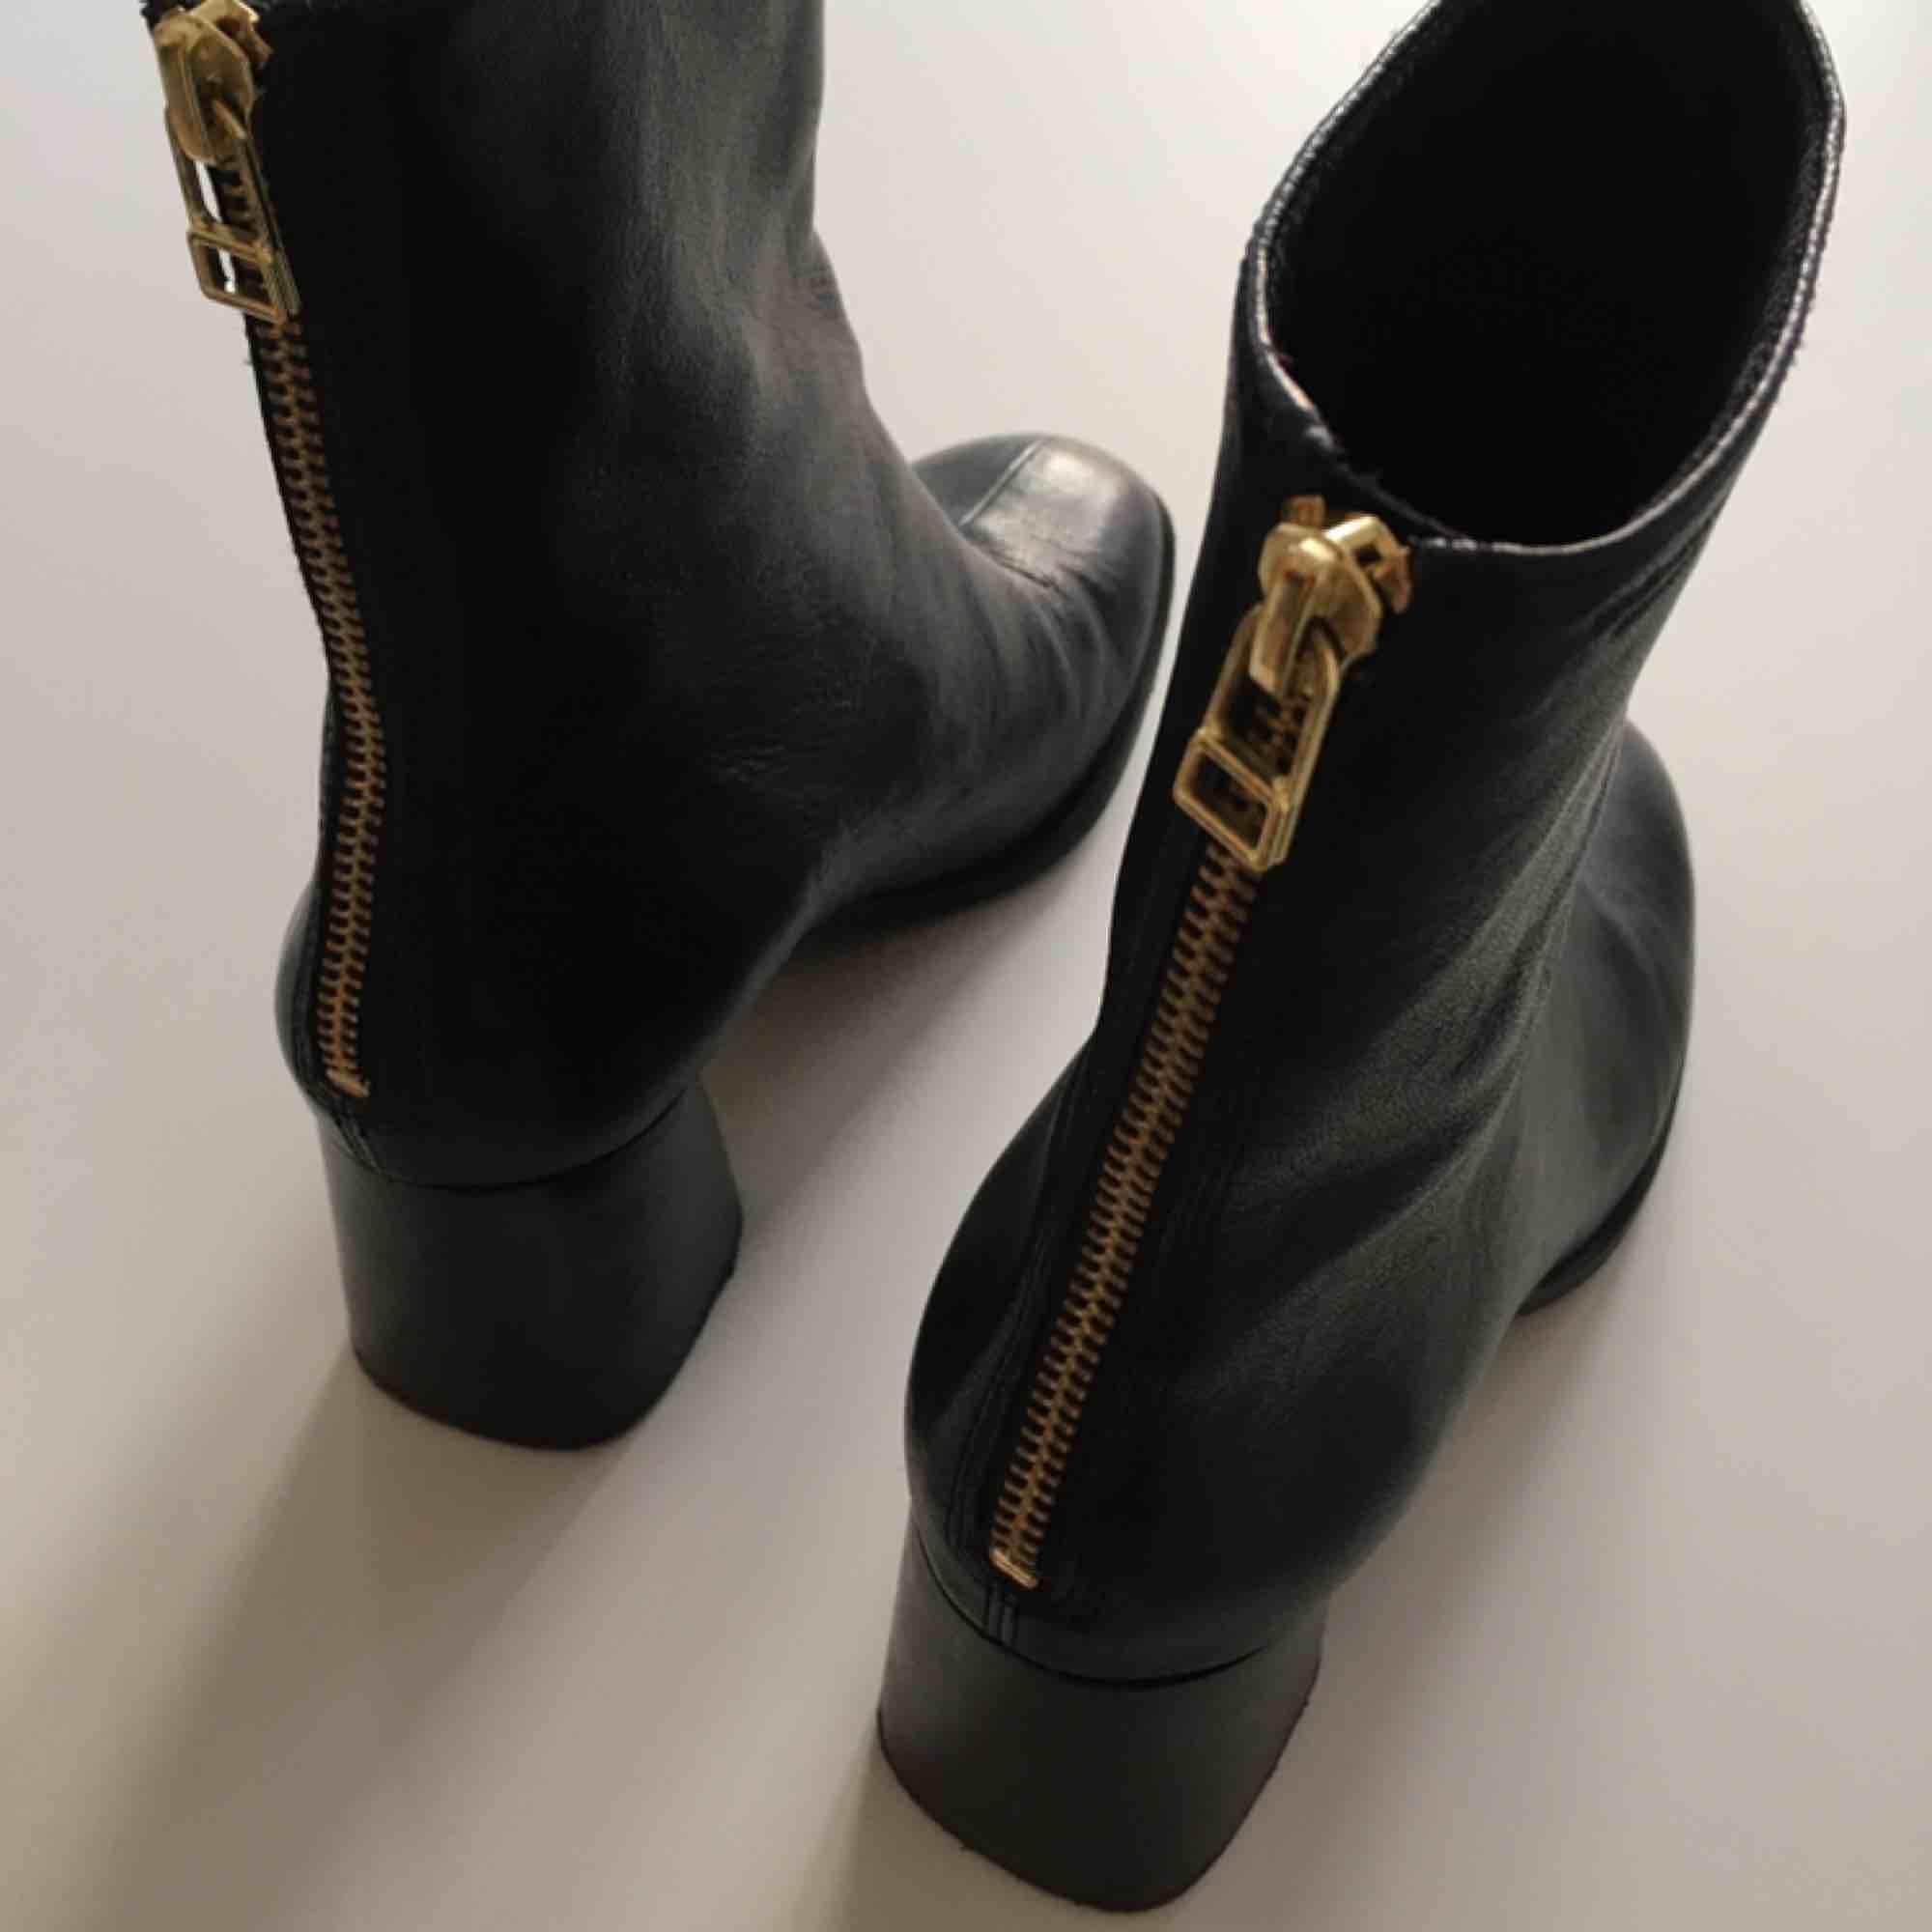 Vagabondsko Cindy i storlek 38. De är i svart läder med guldfärgad dragkedja i bak. I fint skick, men finns spår av användning. Köpare betalar frakt eller Meet up i Stockholm.. Skor.